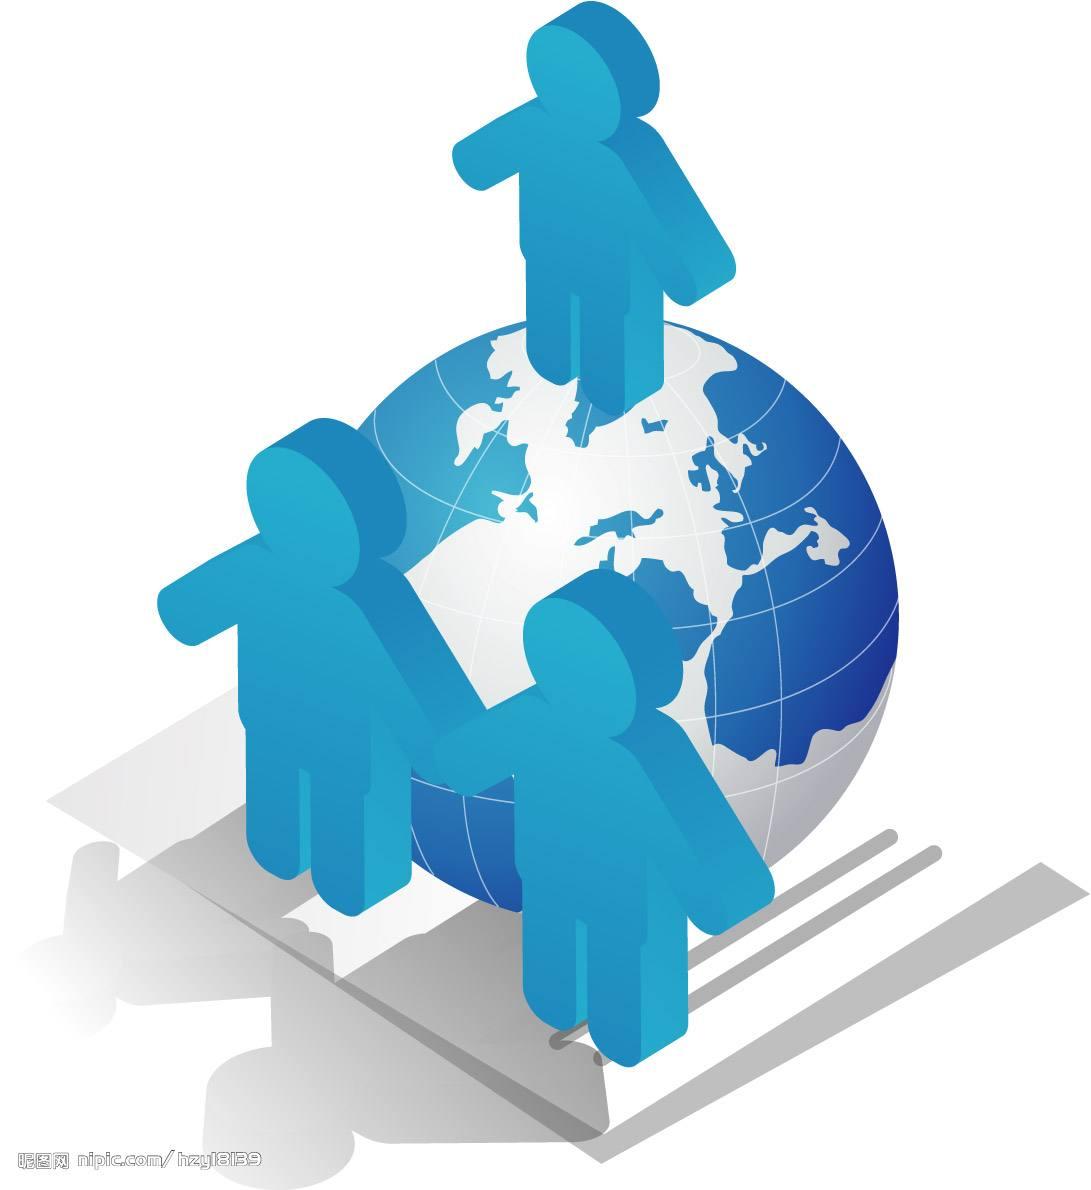 注册月嫂公司-提供公司注册流程和费用与条件及资料